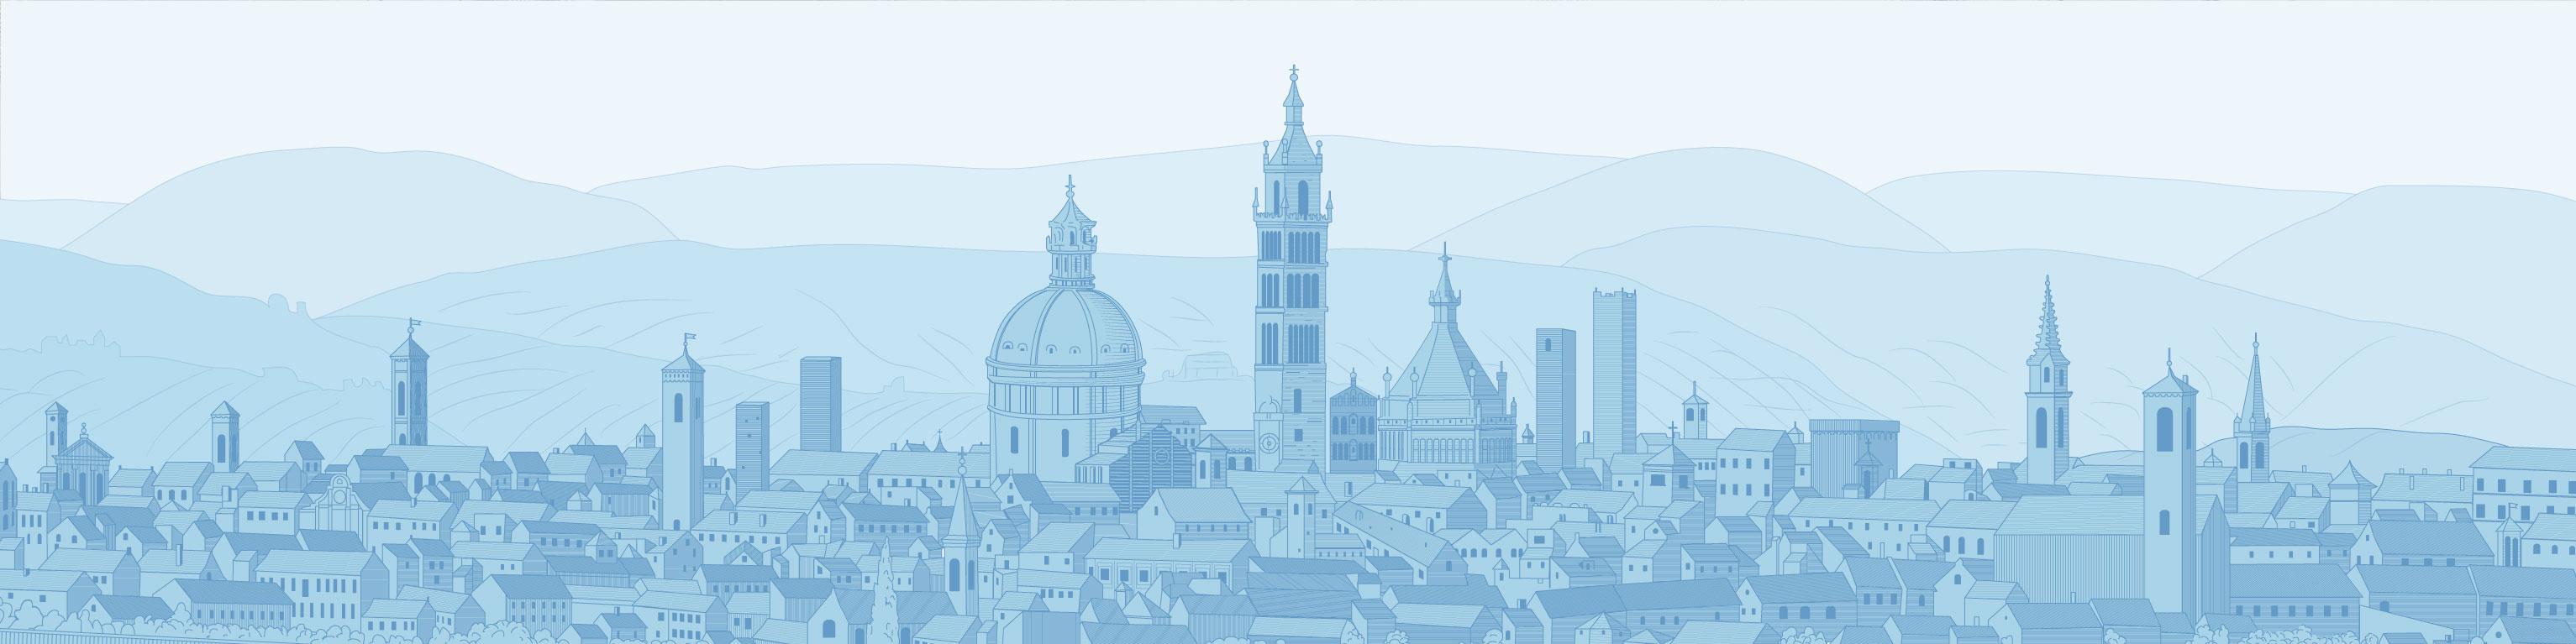 UPPI Pistoia - Unione Piccoli Proprietari Immobiliari